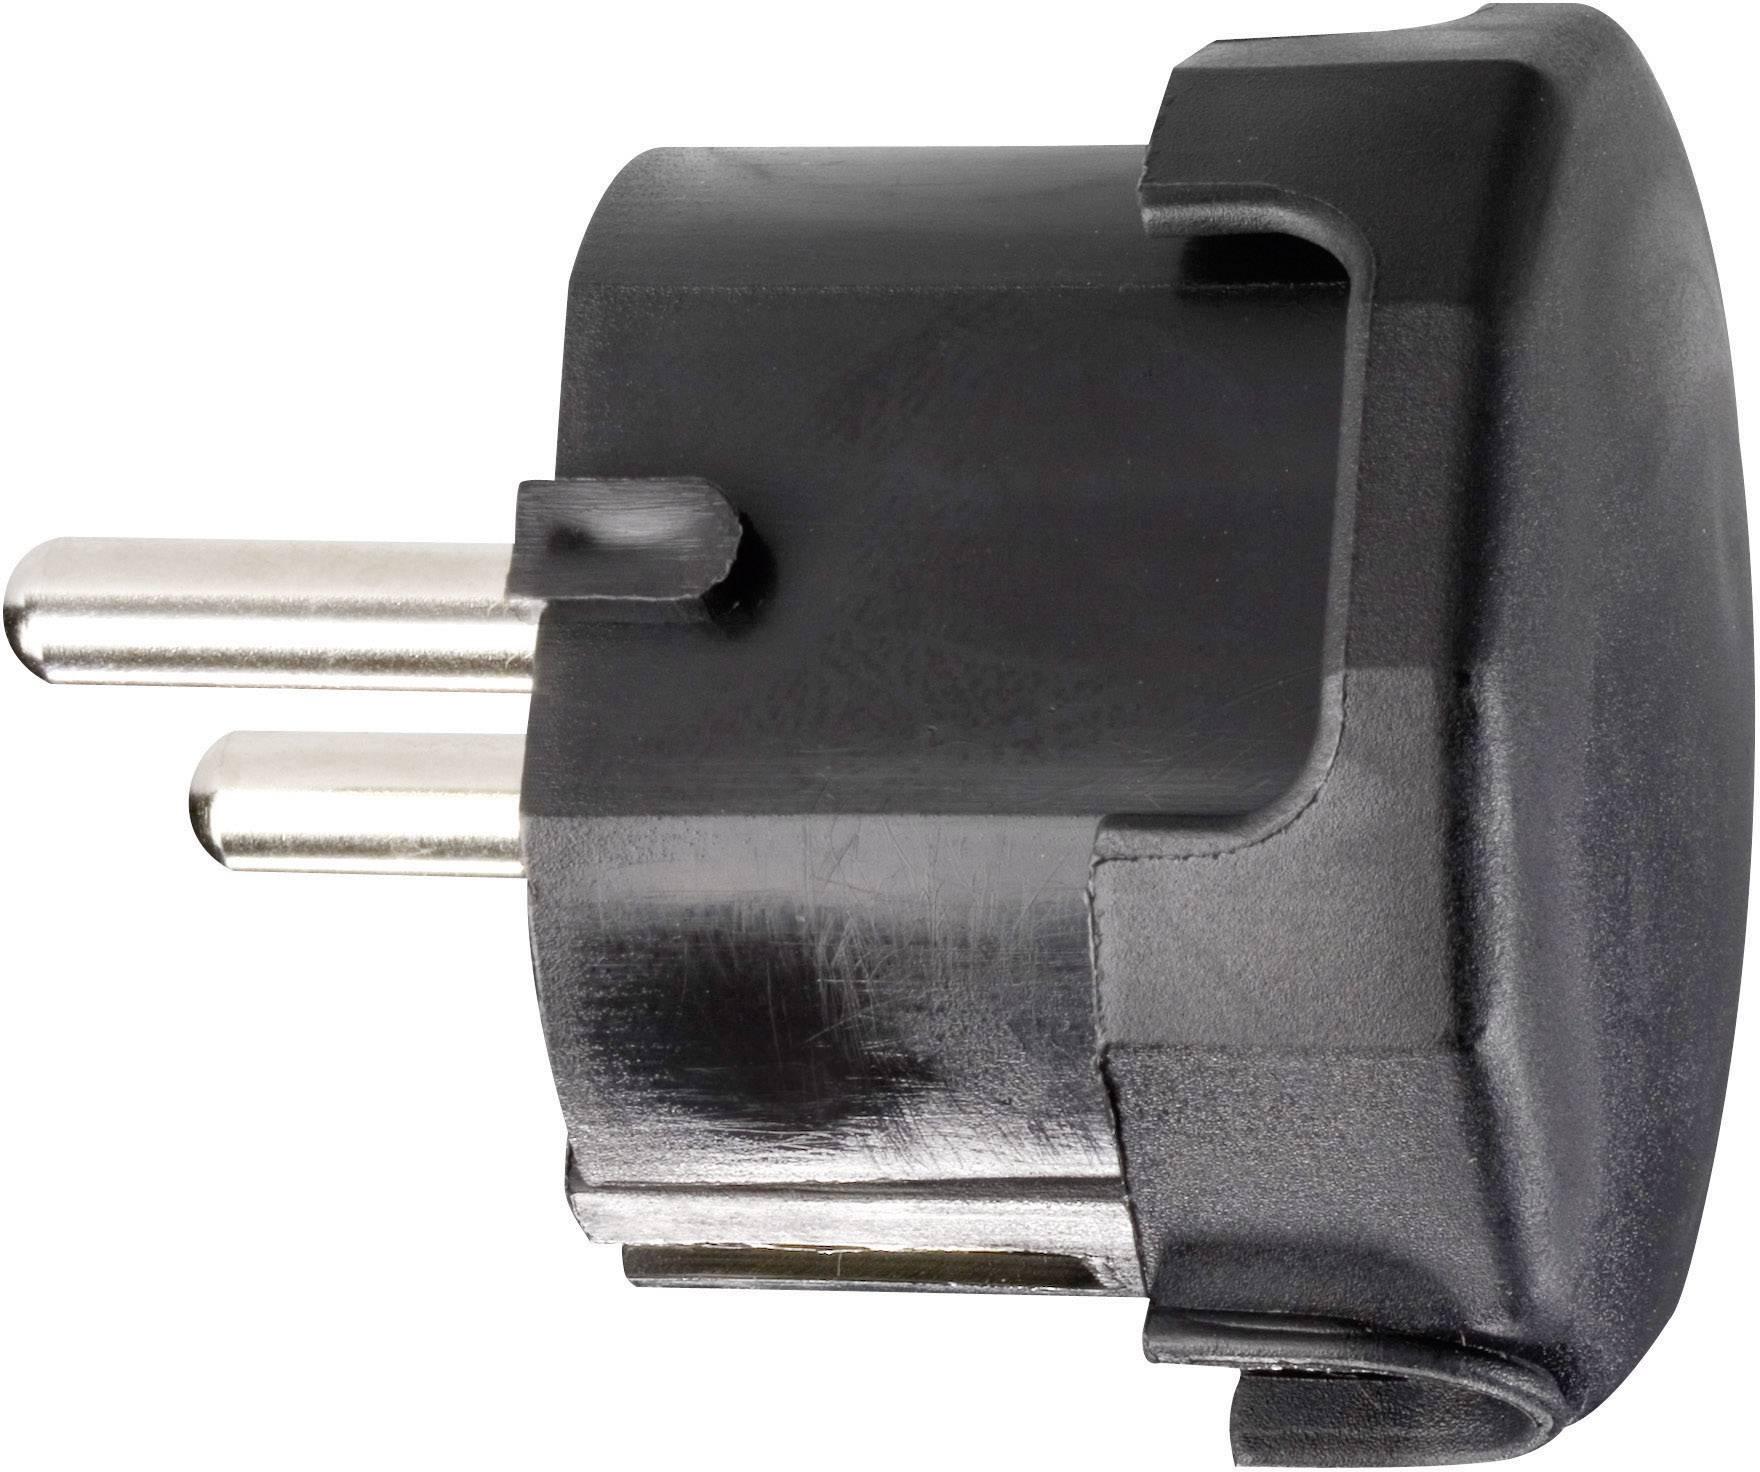 Úhlová zástrčka SchuKo 624446, umelá hmota, IP20, 230 V, čierna